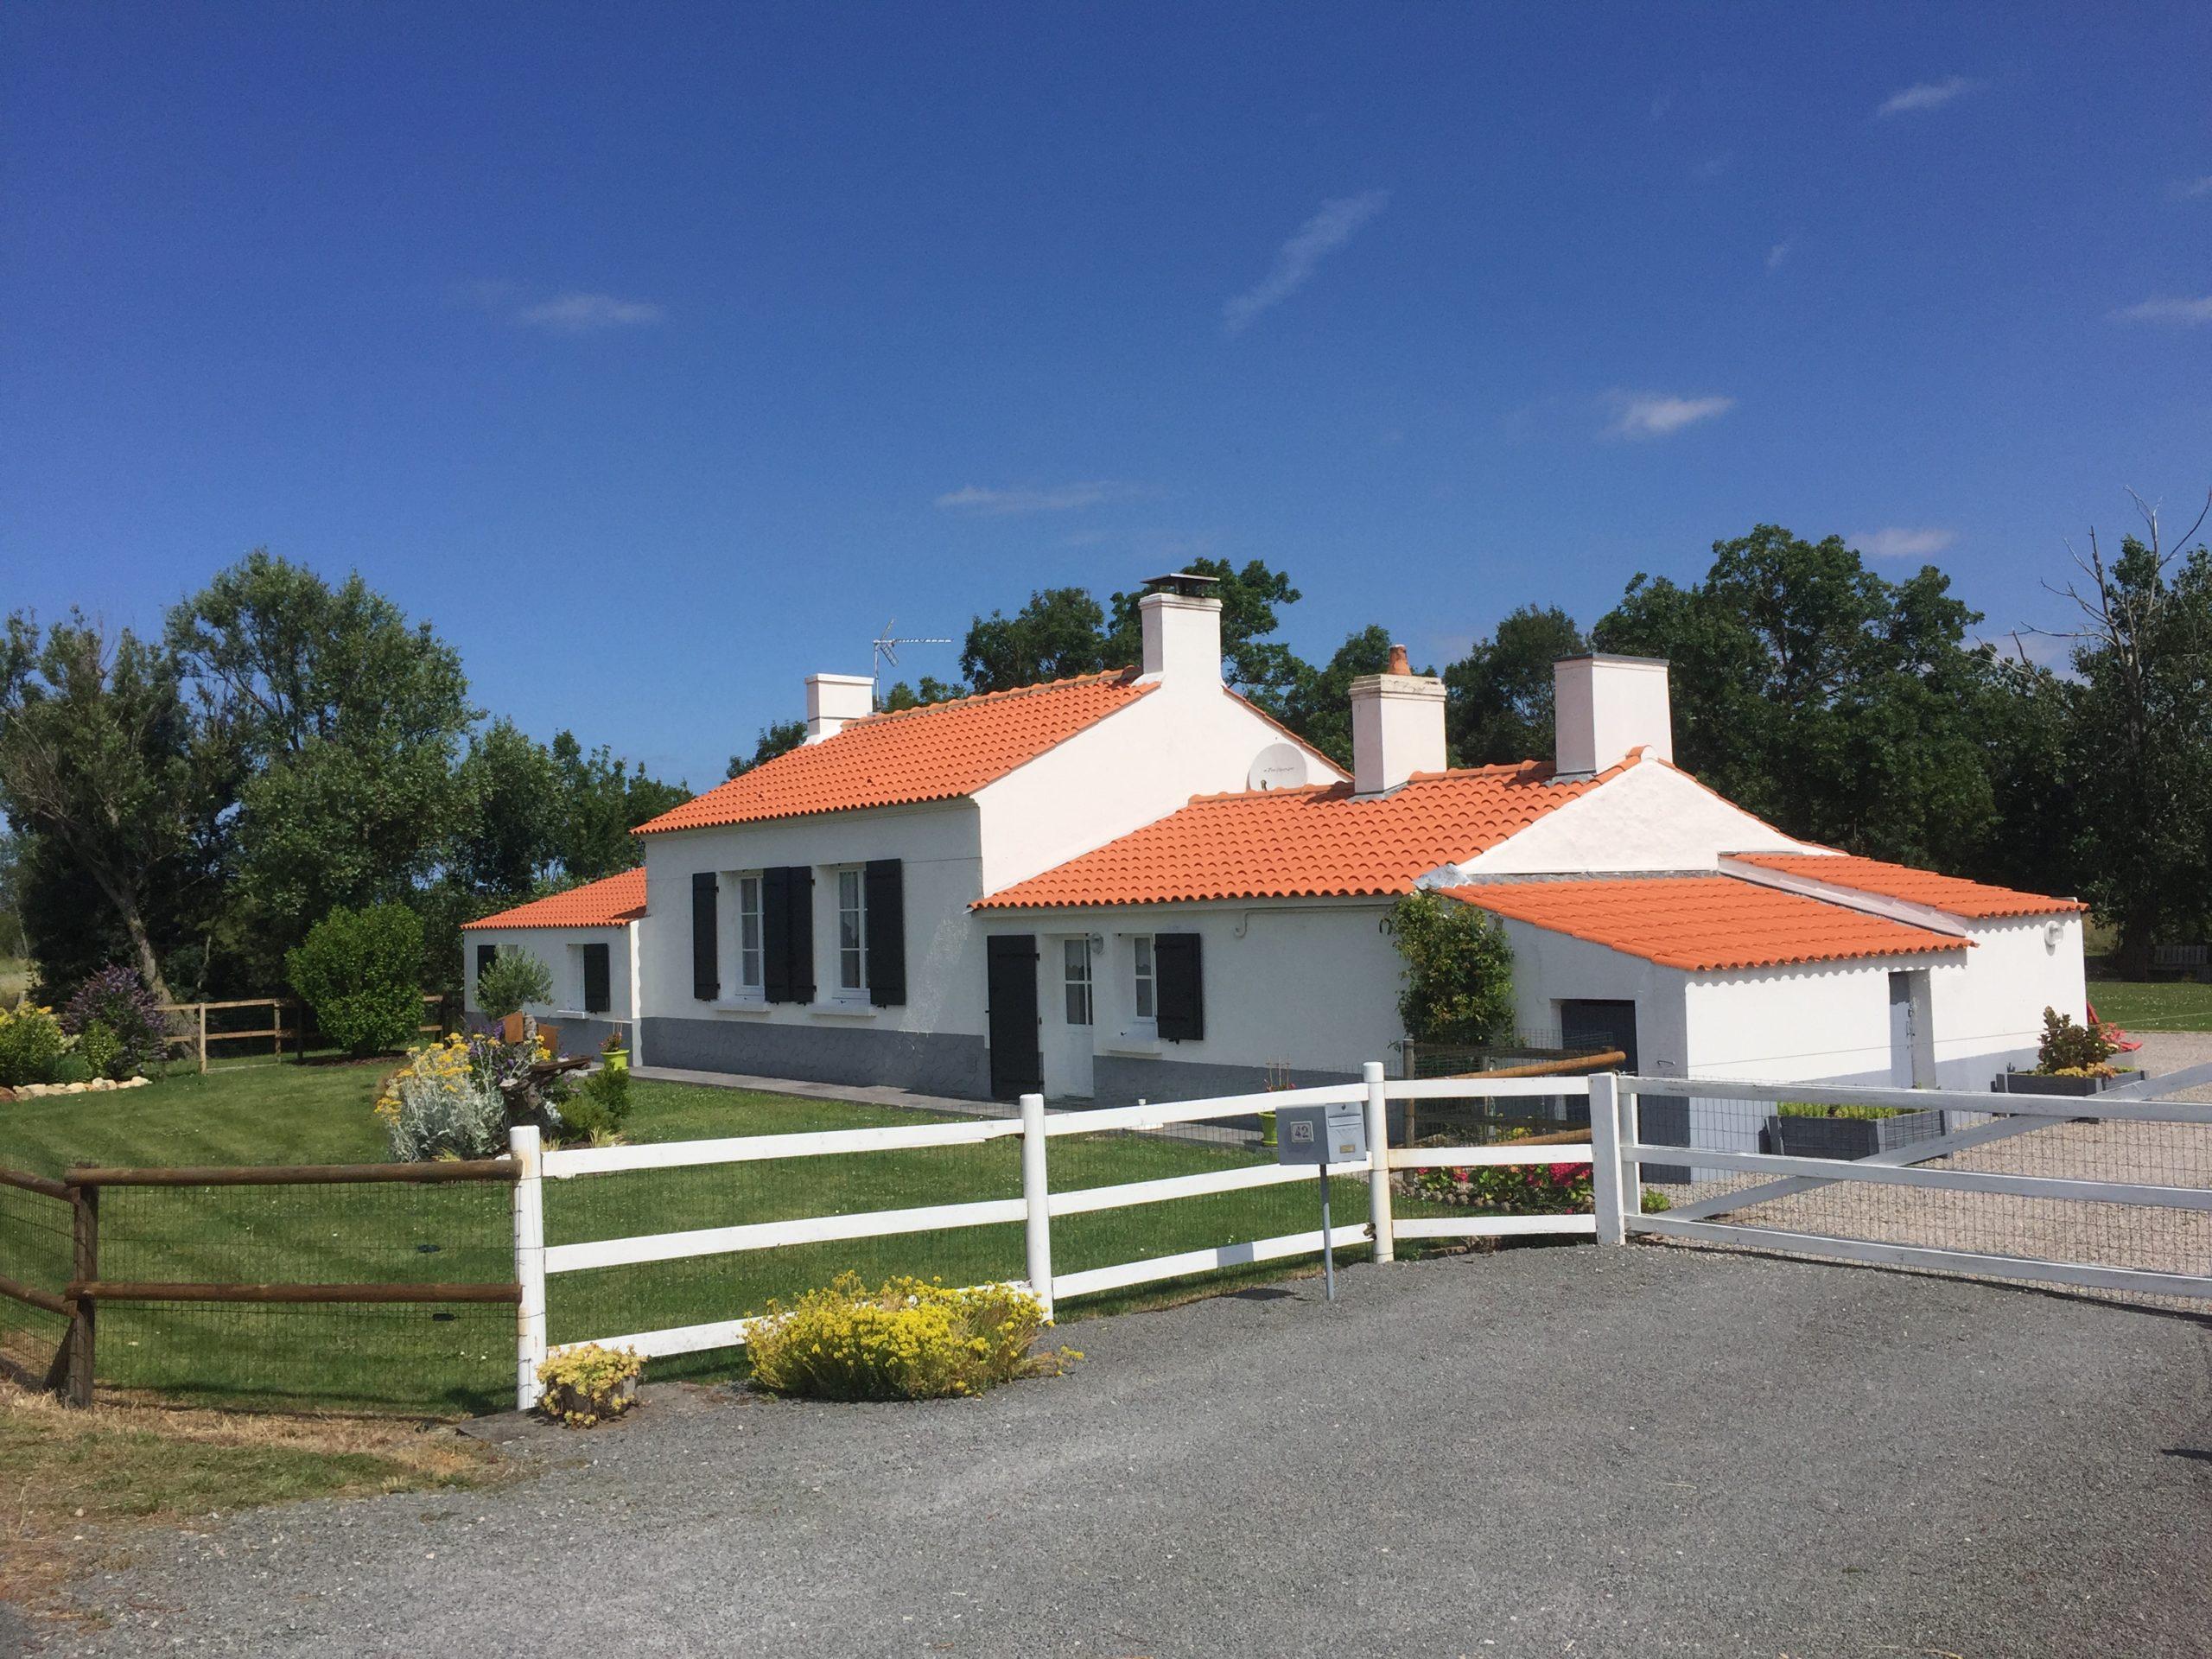 maison 3 chambres+ grande dépendance de style longère avec beaucoup de charme sur 1.3 hectare proche SAINT JEAN DE MONTS